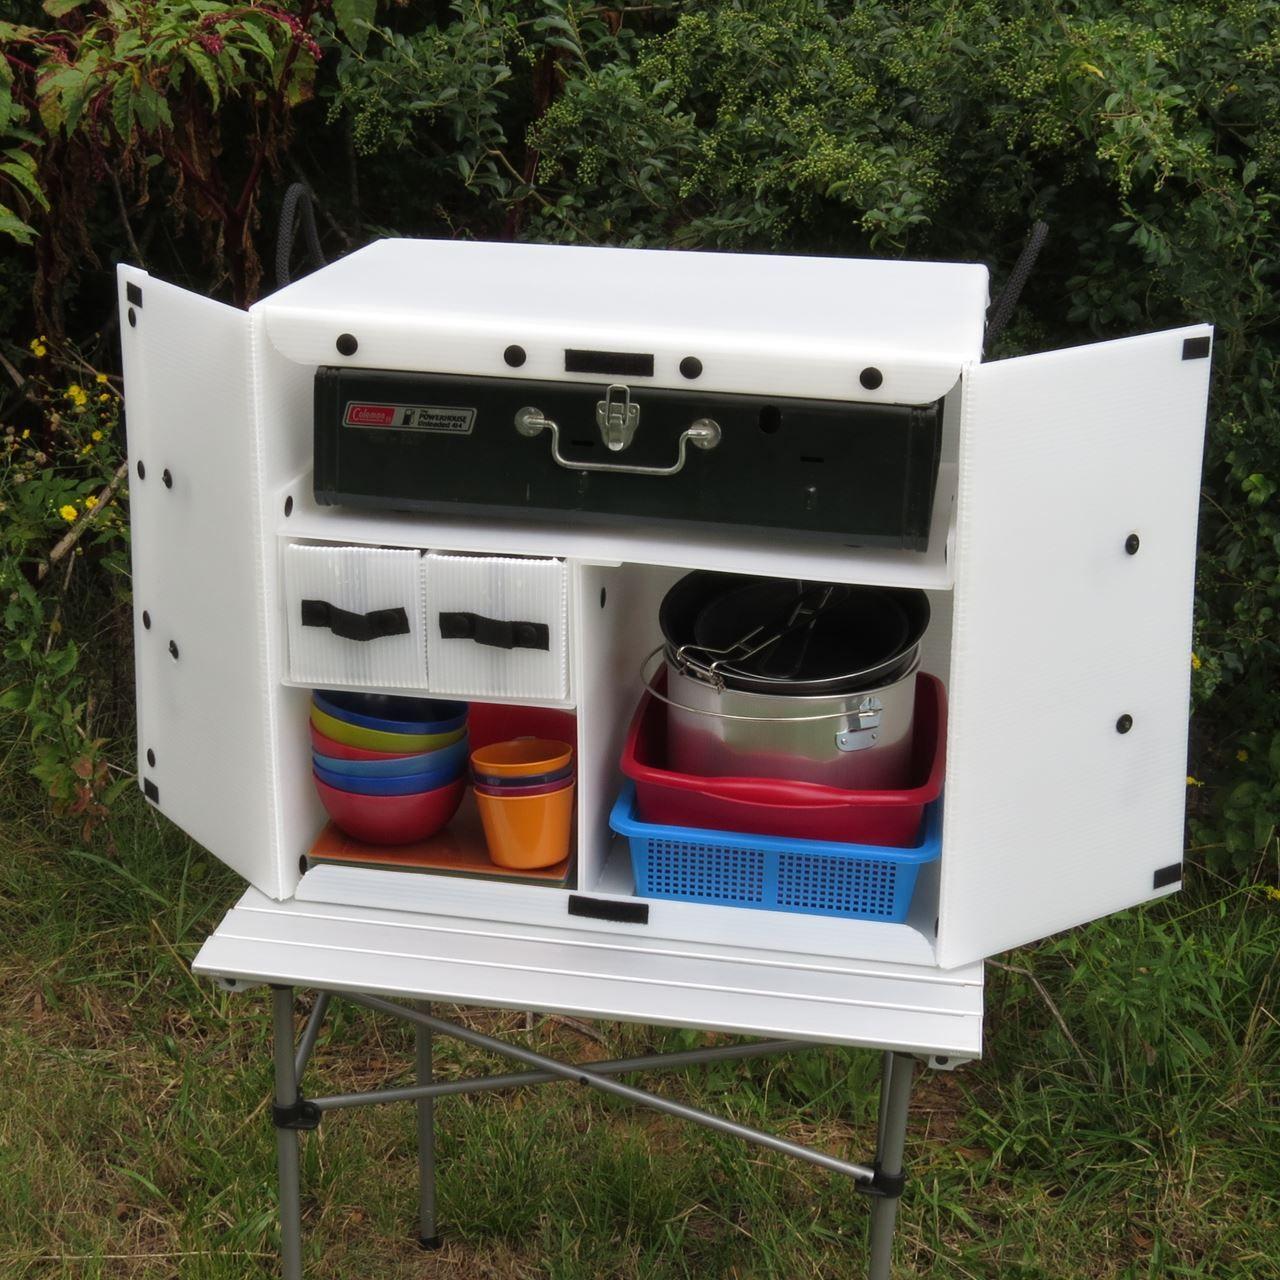 Bon The Camping Kitchen Box Store. Camping Kitchen Box Chuck Box